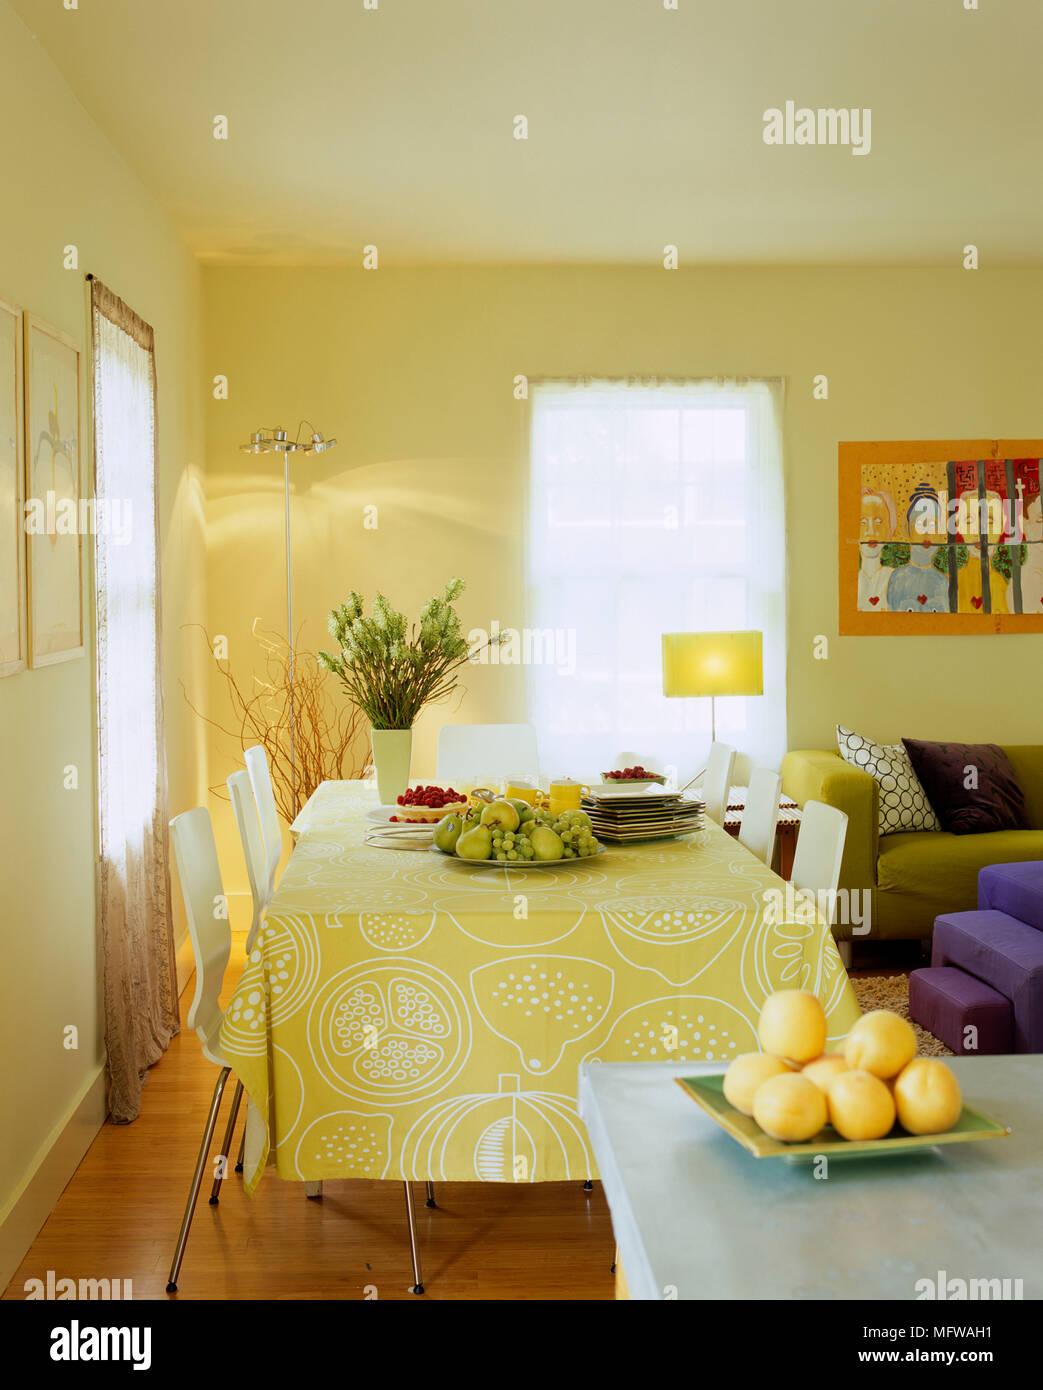 Essen Am Tisch In Gelb Esszimmer Stockfoto Bild 181880637 Alamy